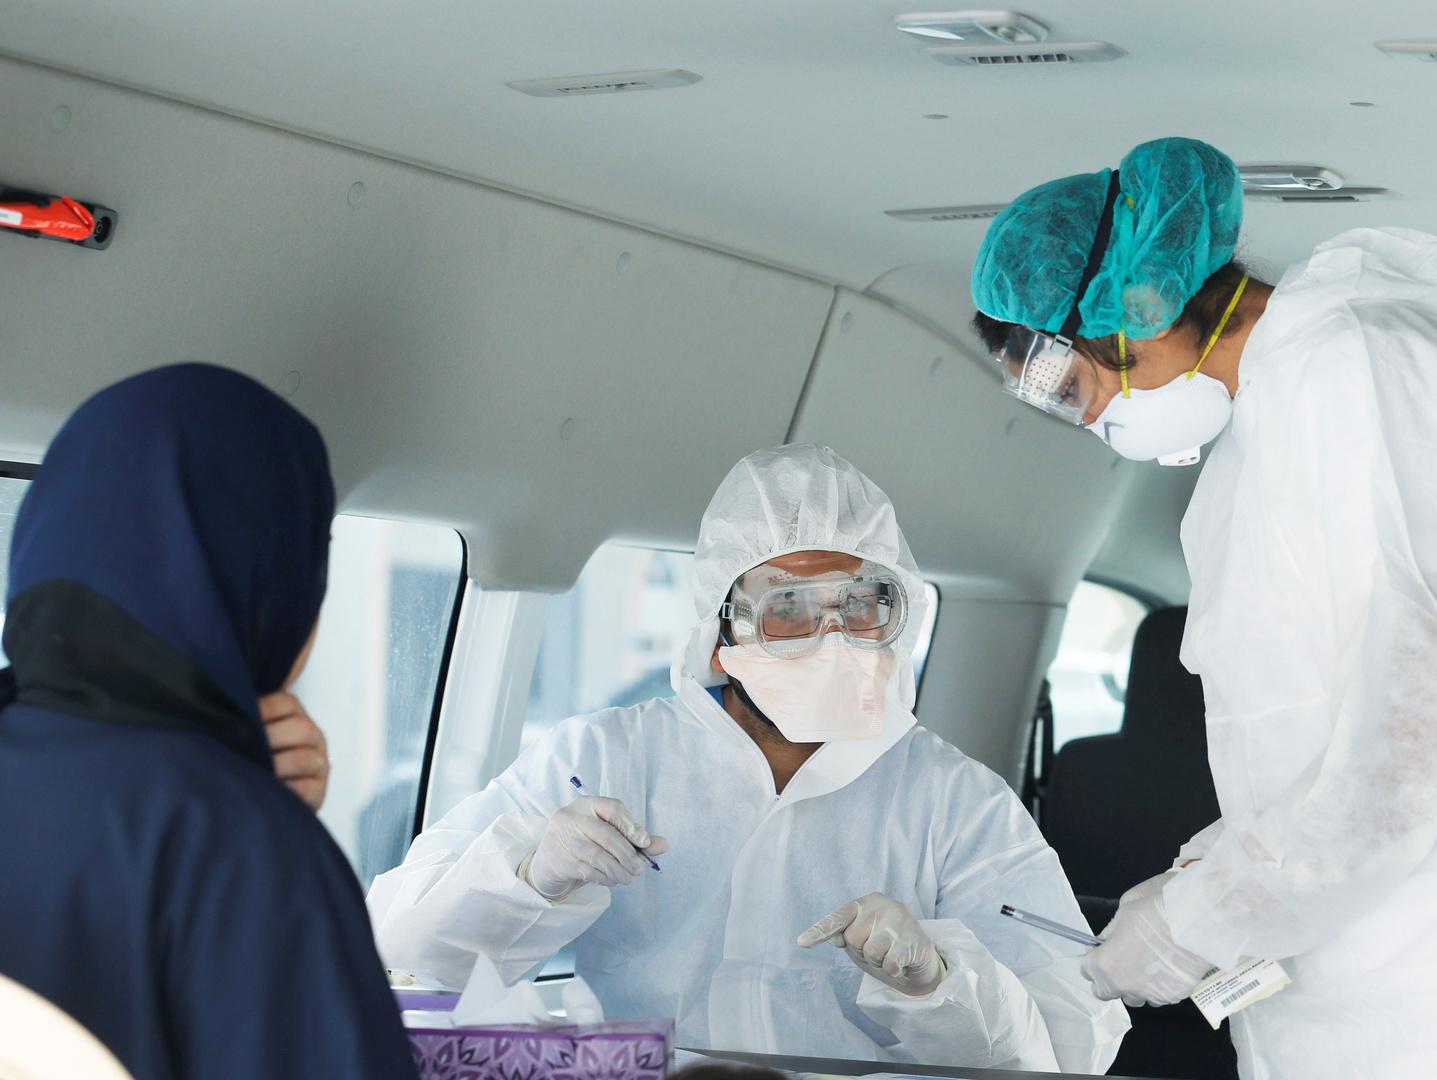 البحرين توافق على استخدام لقاح ثالث مضاد لكورونا